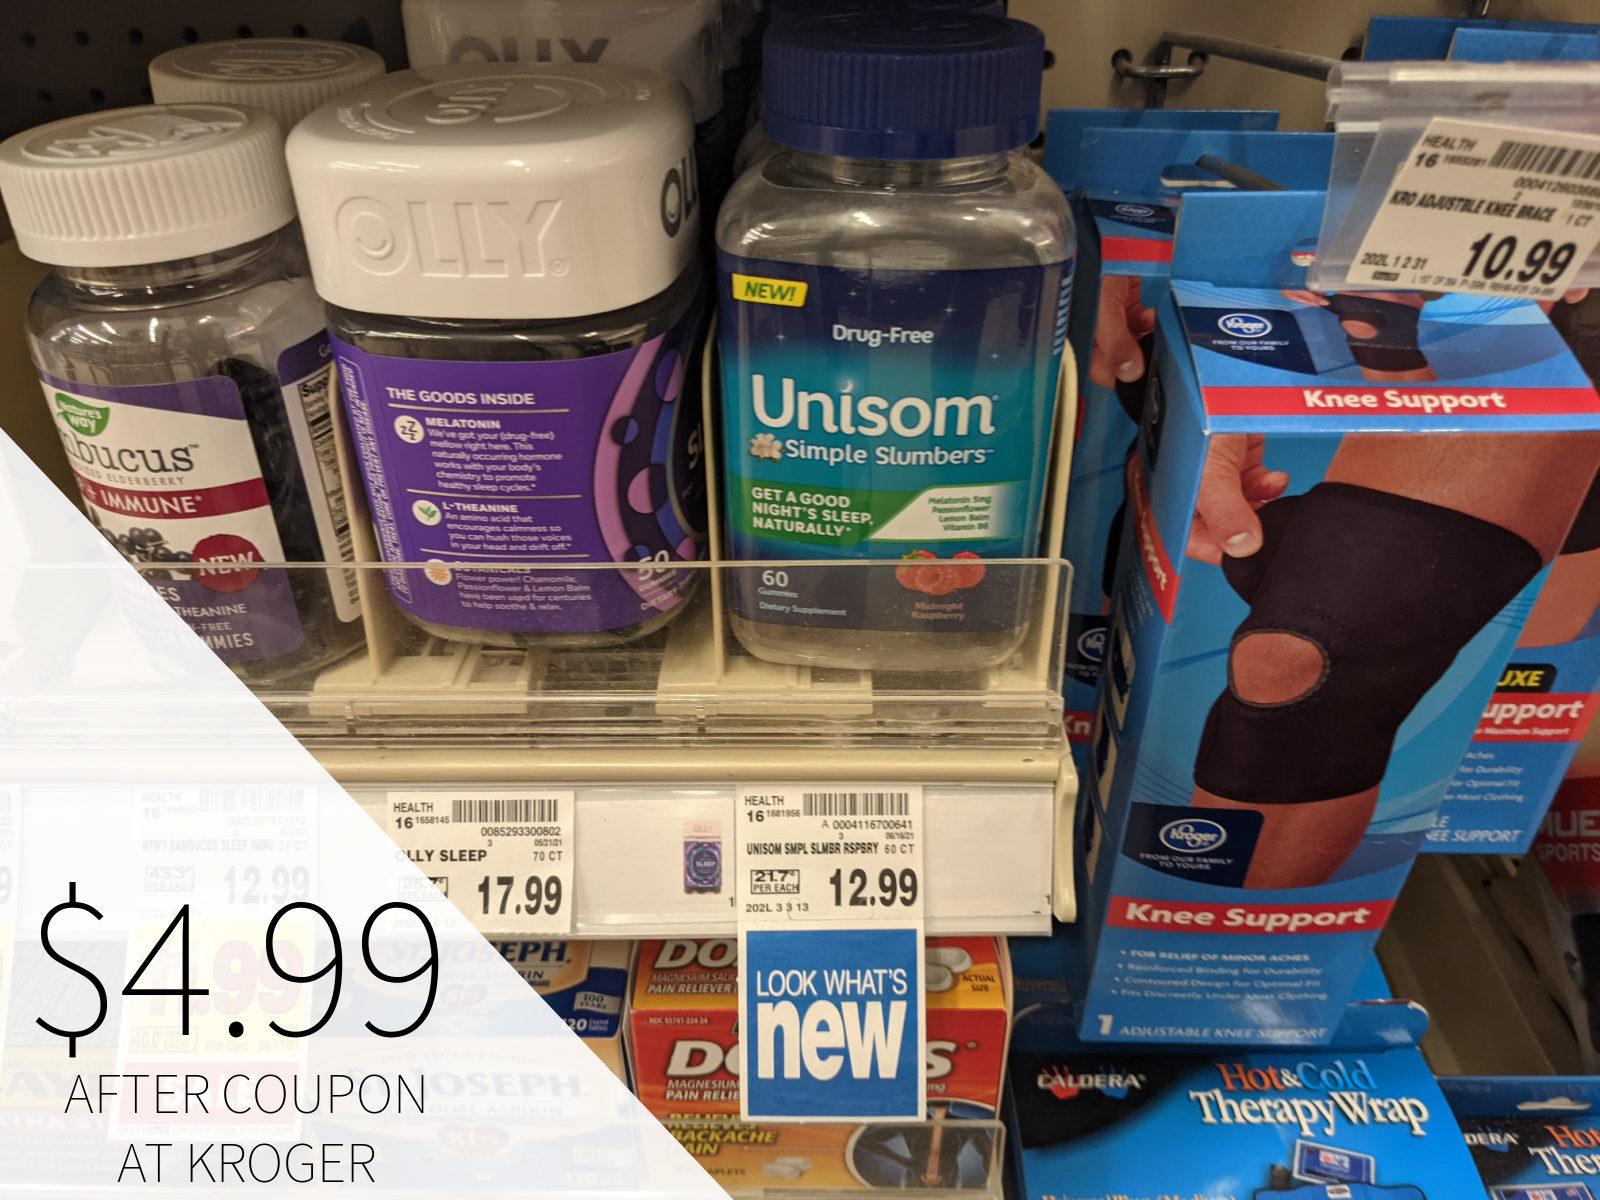 Super Discount On Unisom Simple Slumbers At Kroger